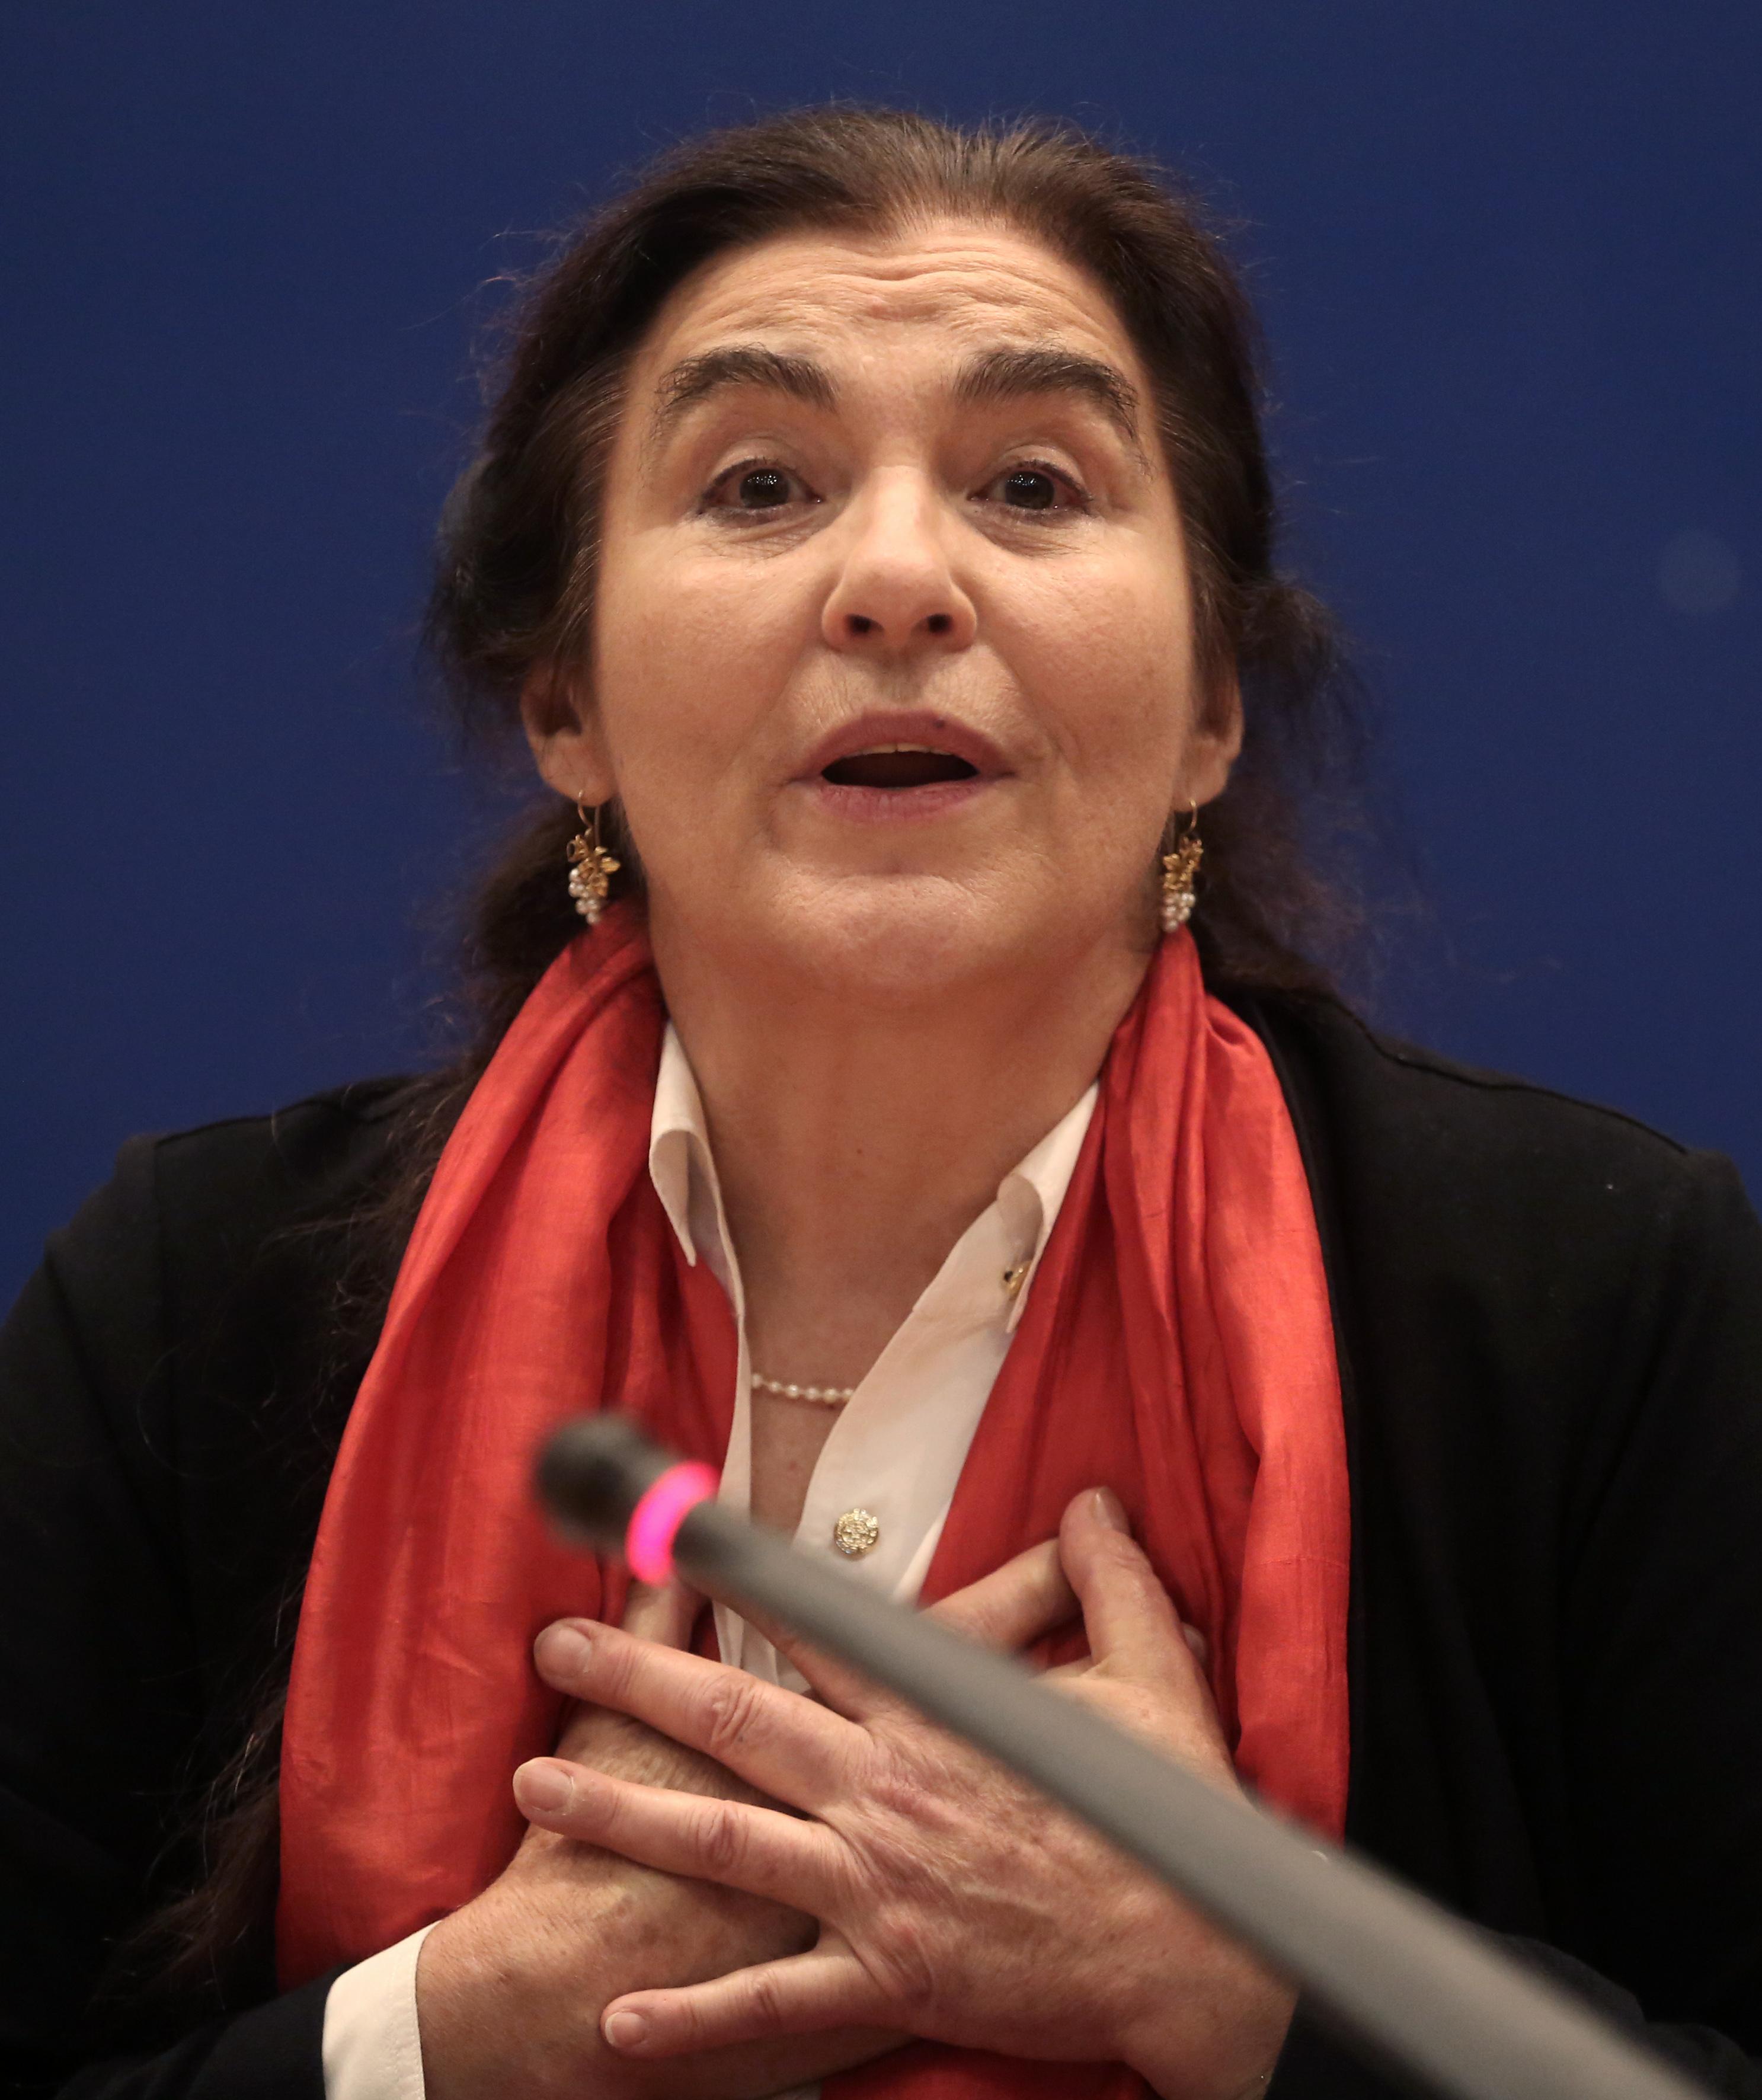 ta-tessera-eti-toy-syriza-ston-politismo1